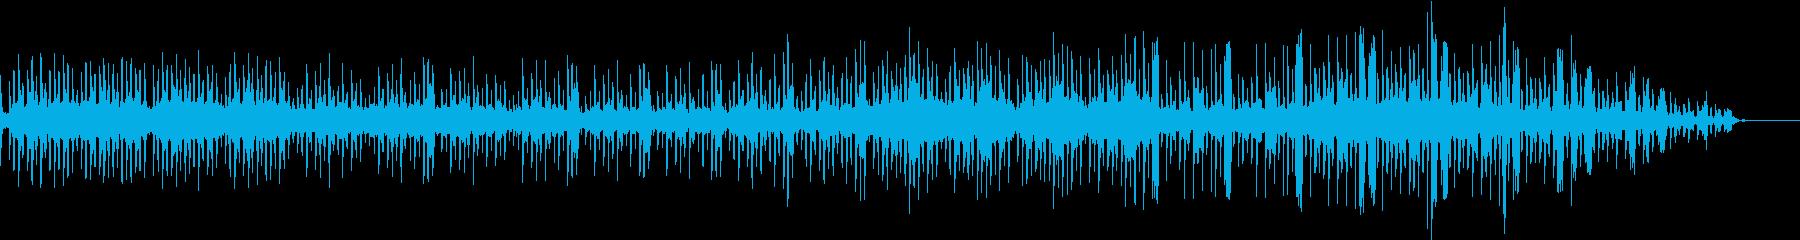 キラキラヒーリング☆山奥の神秘的な湖にての再生済みの波形